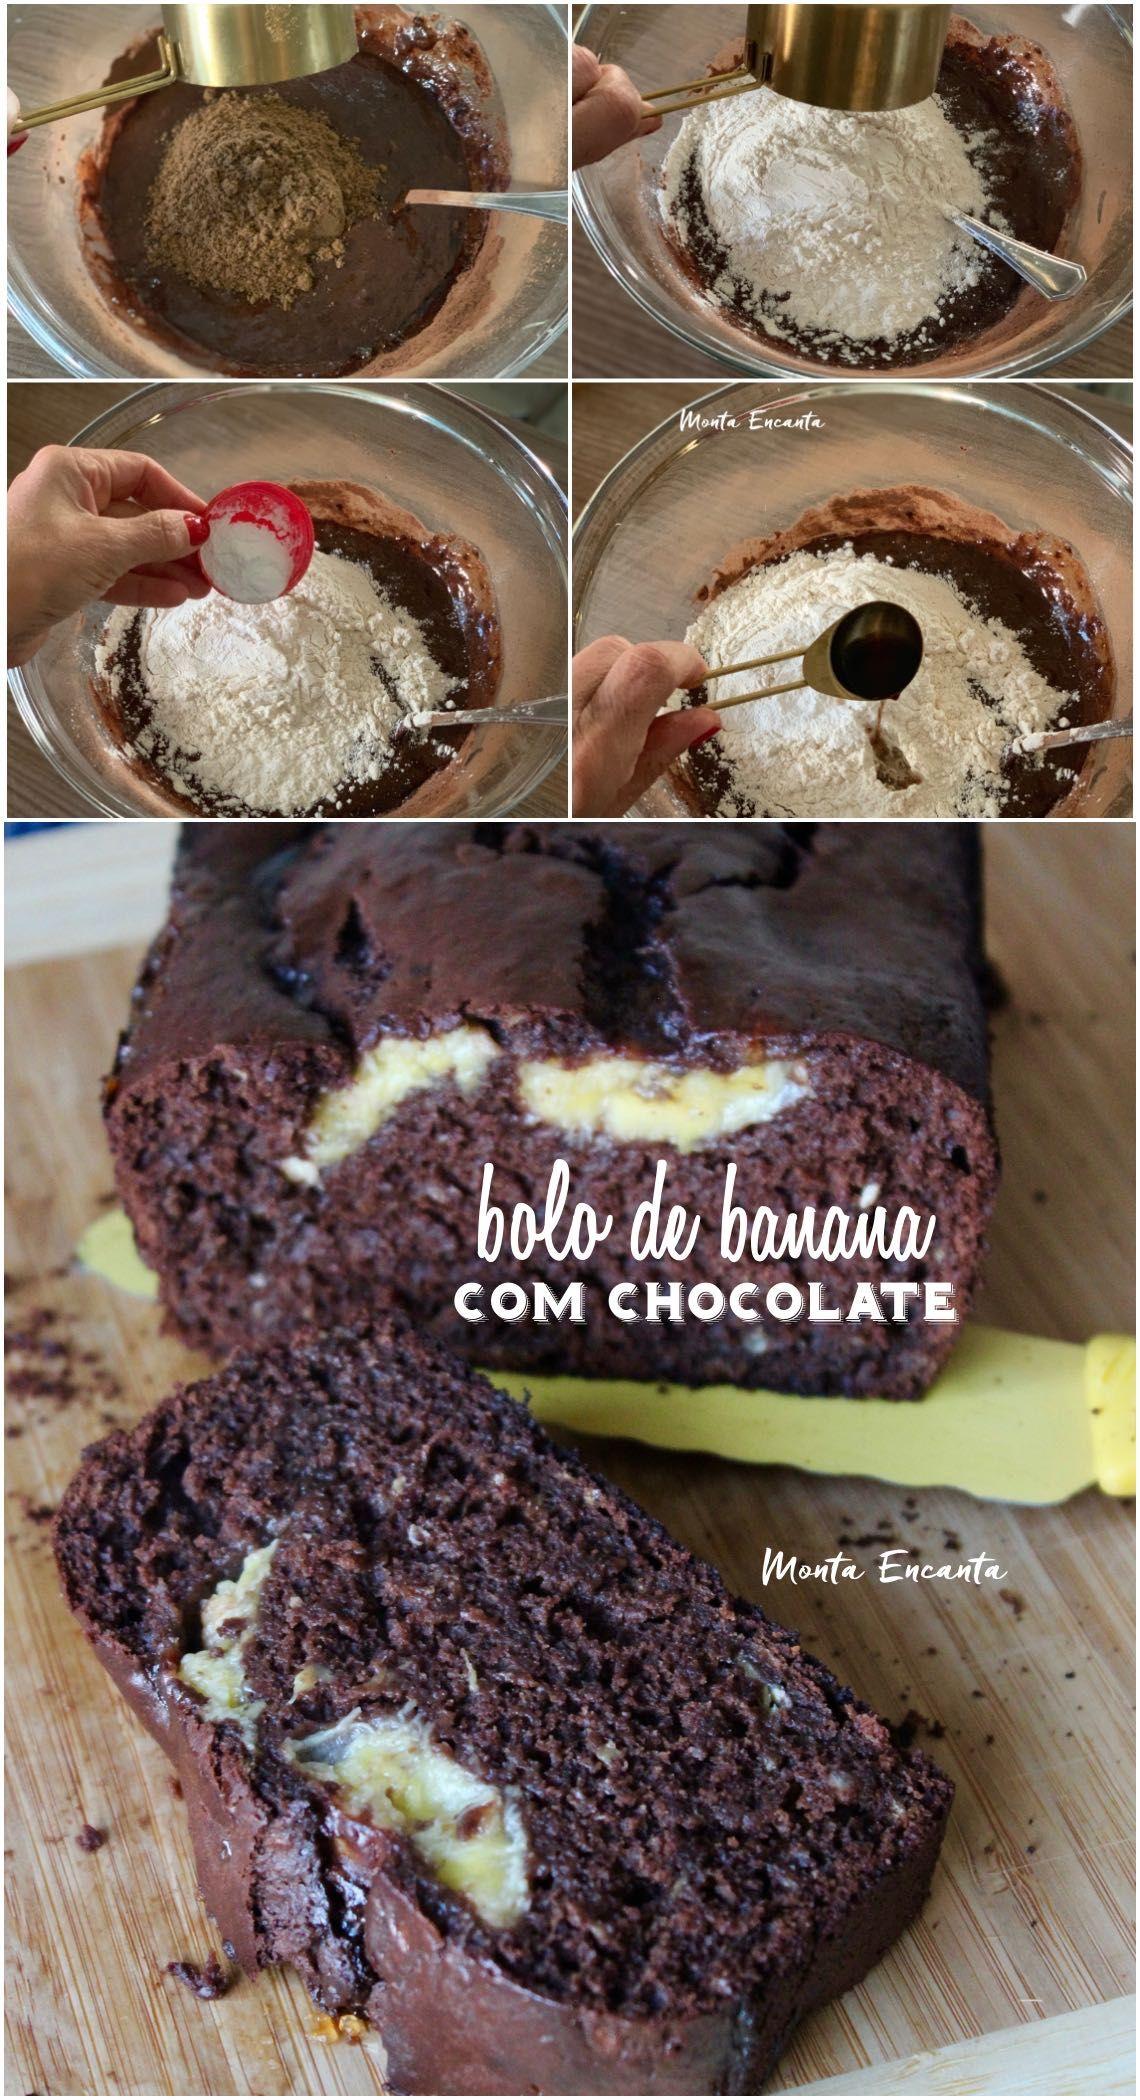 Bolo De Banana Com Chocolate E Delicioso Com Imagens Bolo De Banana Bolo De Chocolate Com Banana Banana Com Chocolate